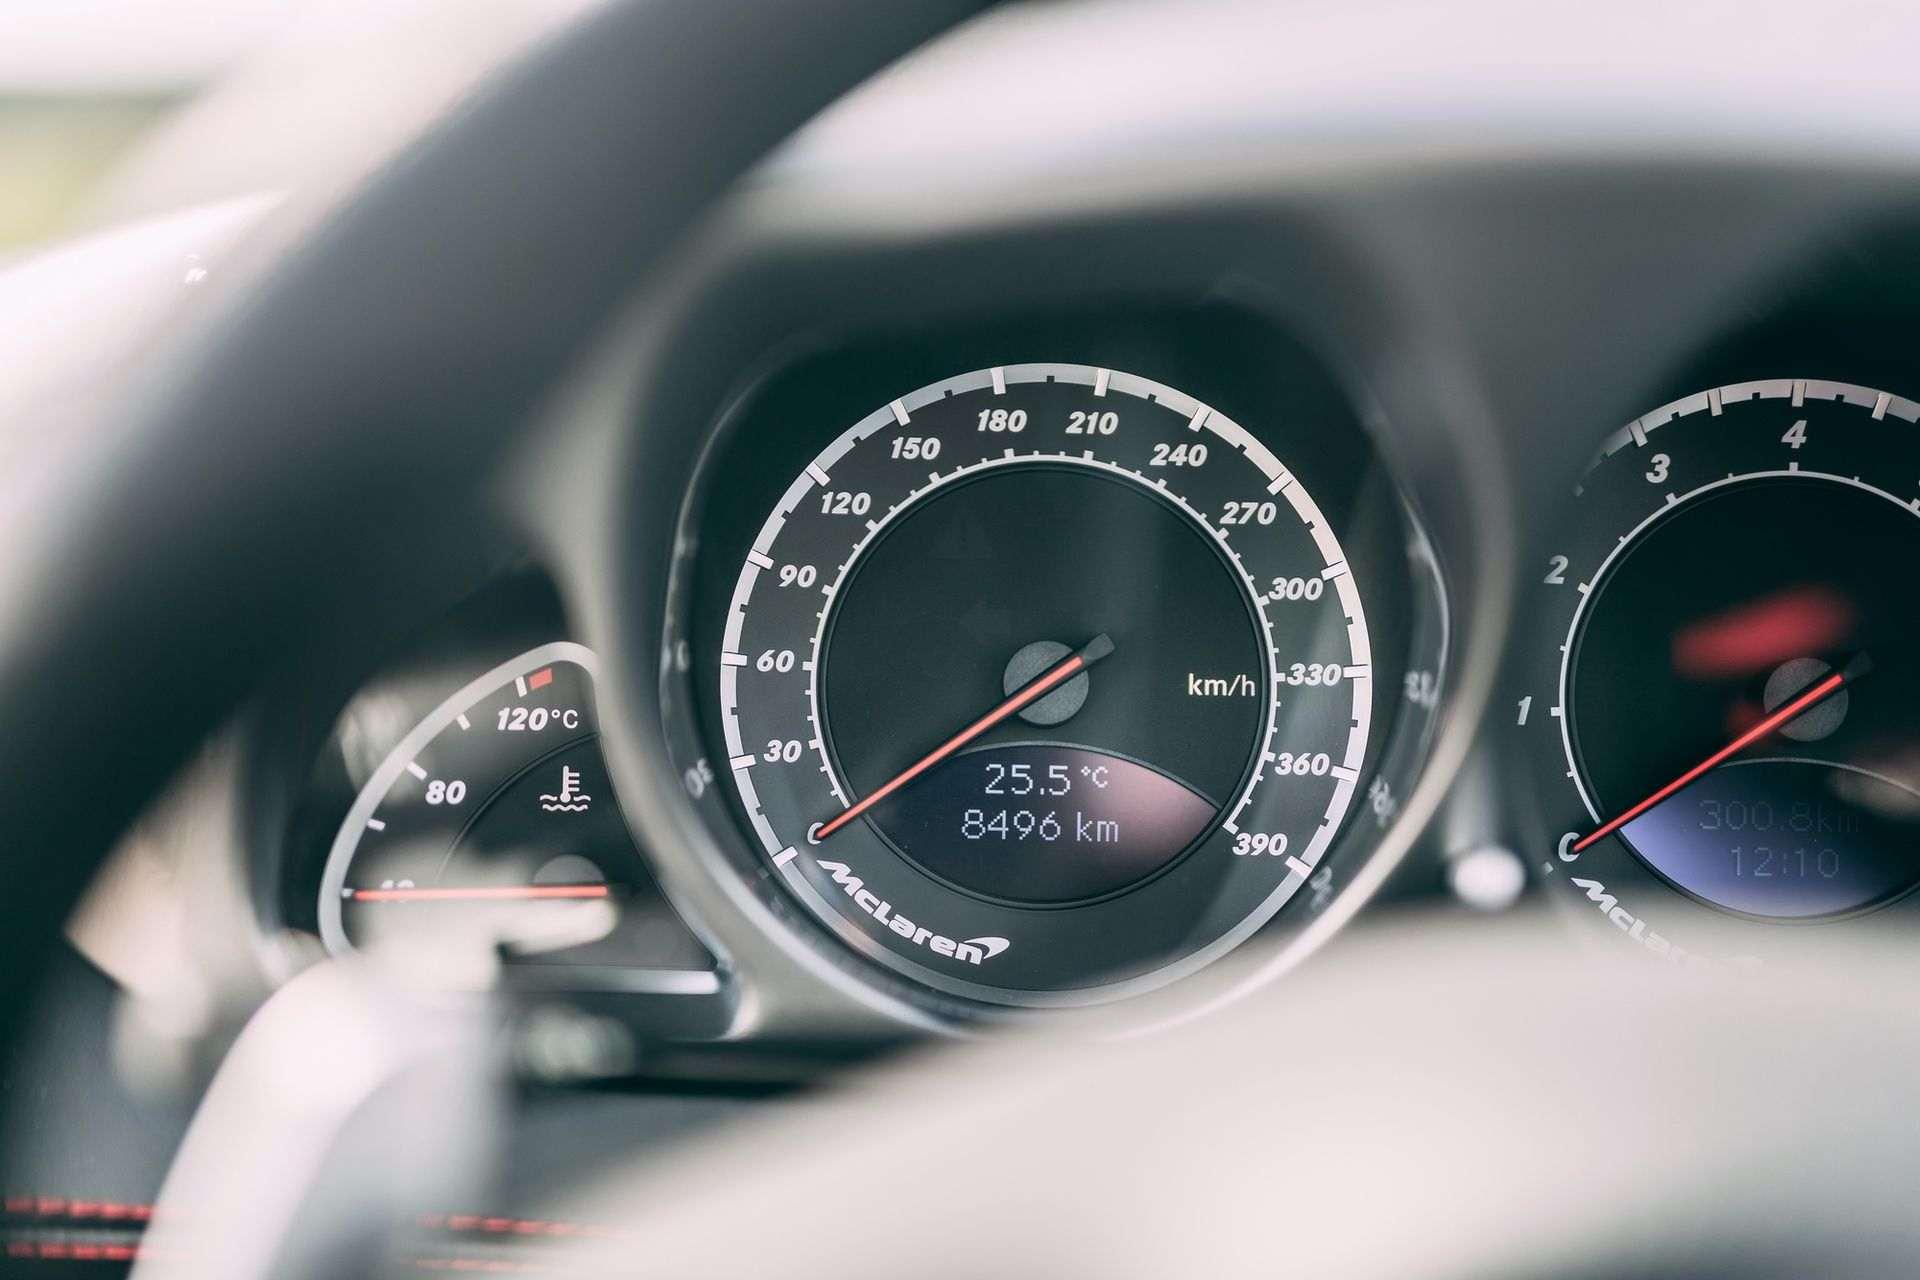 2009-Mercedes-Benz-SLR-McLaren-Stirling-Moss-_12